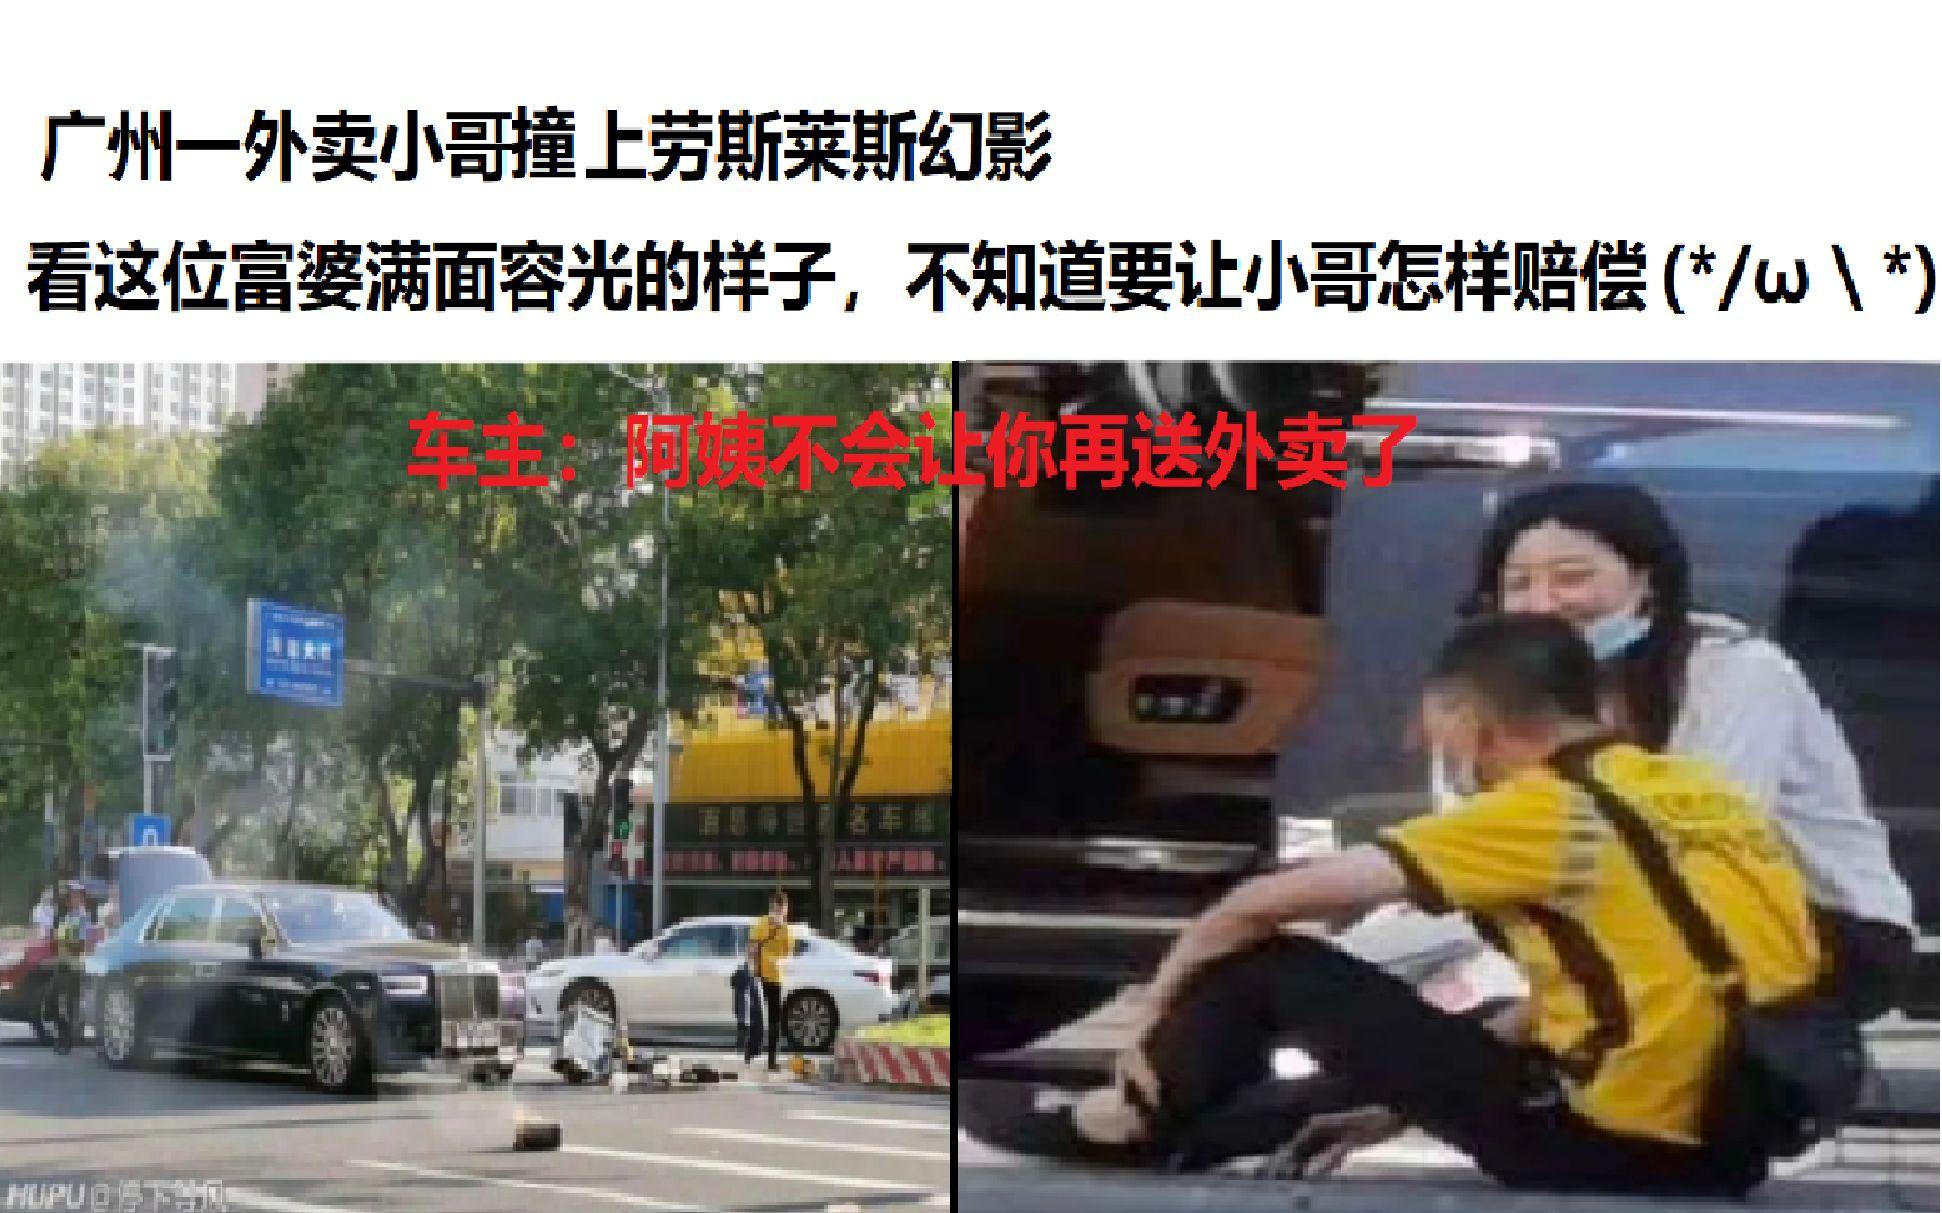 广州一外卖小哥撞上一劳斯莱斯 车主: 阿姨不会再让你送外卖了(*/ω\*)【网络上爆笑的沙雕图-第二十二期】